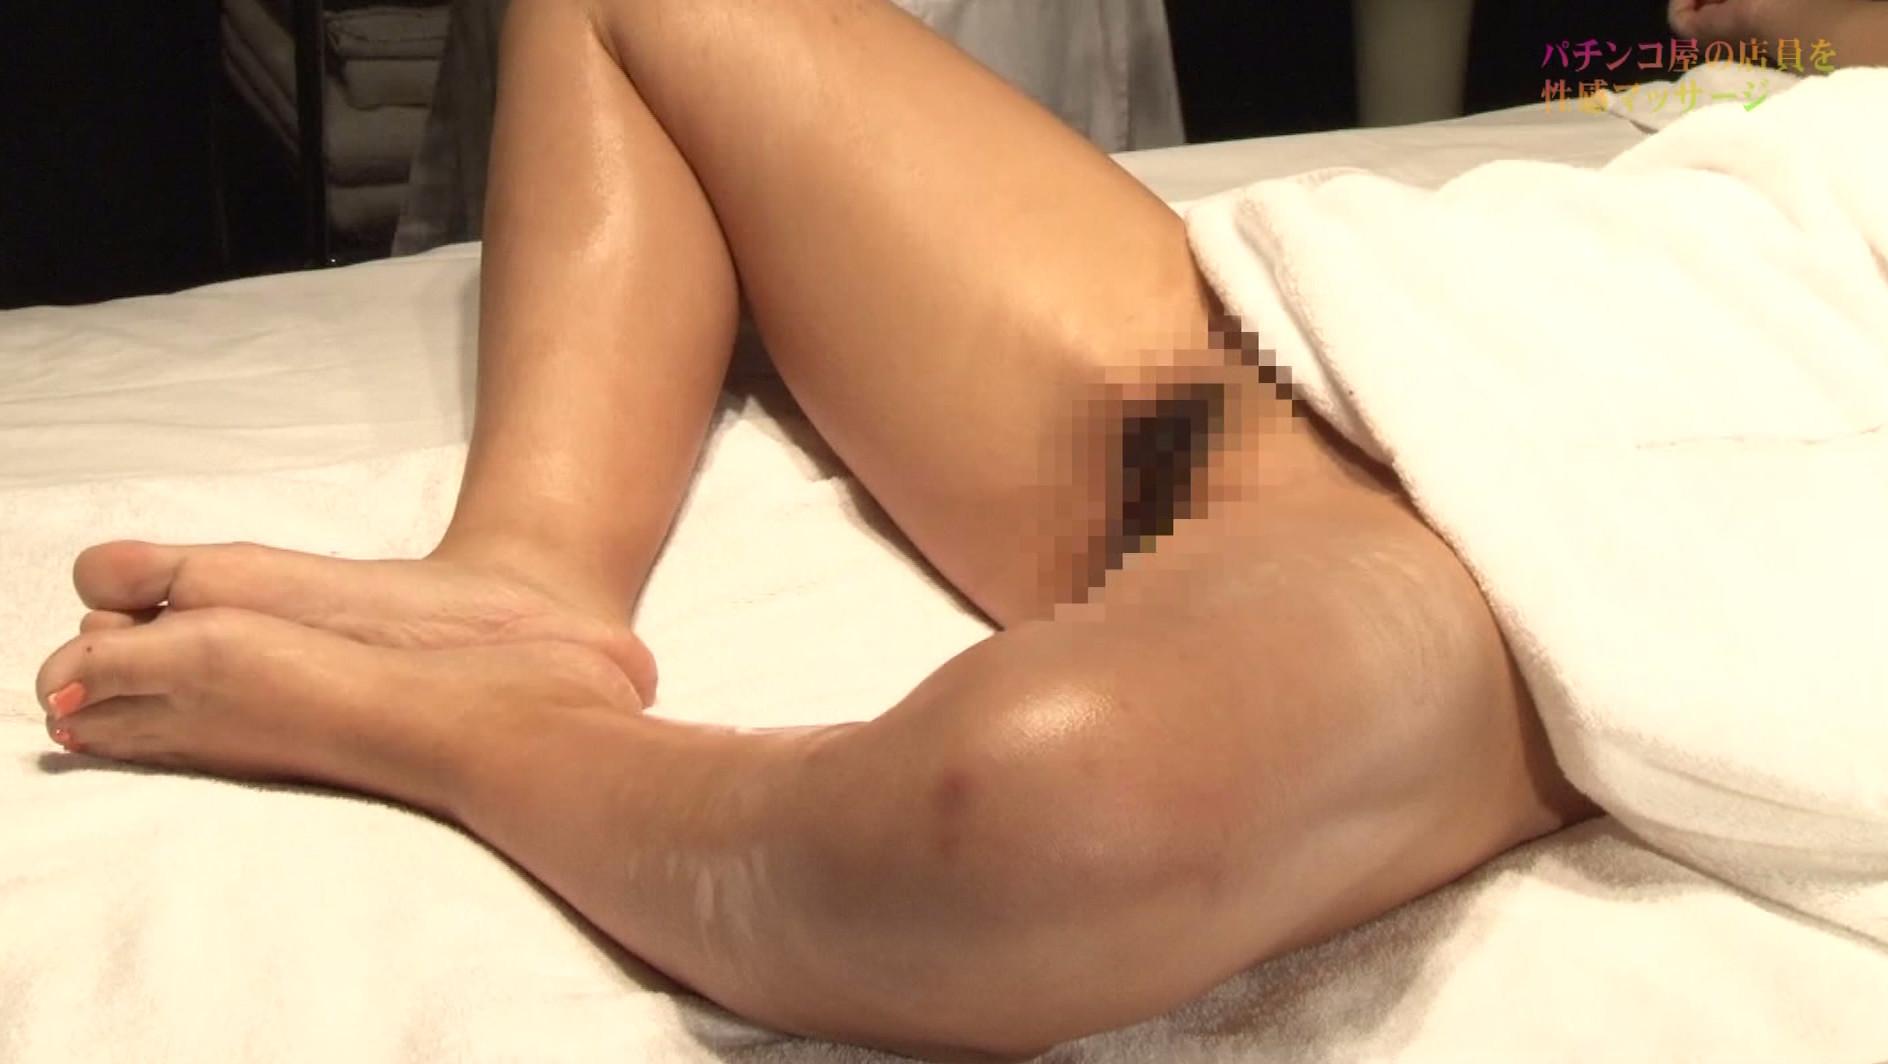 パチンコ屋のかわいいお姉さんを性感マッサージでとことんイカせてみた 画像9